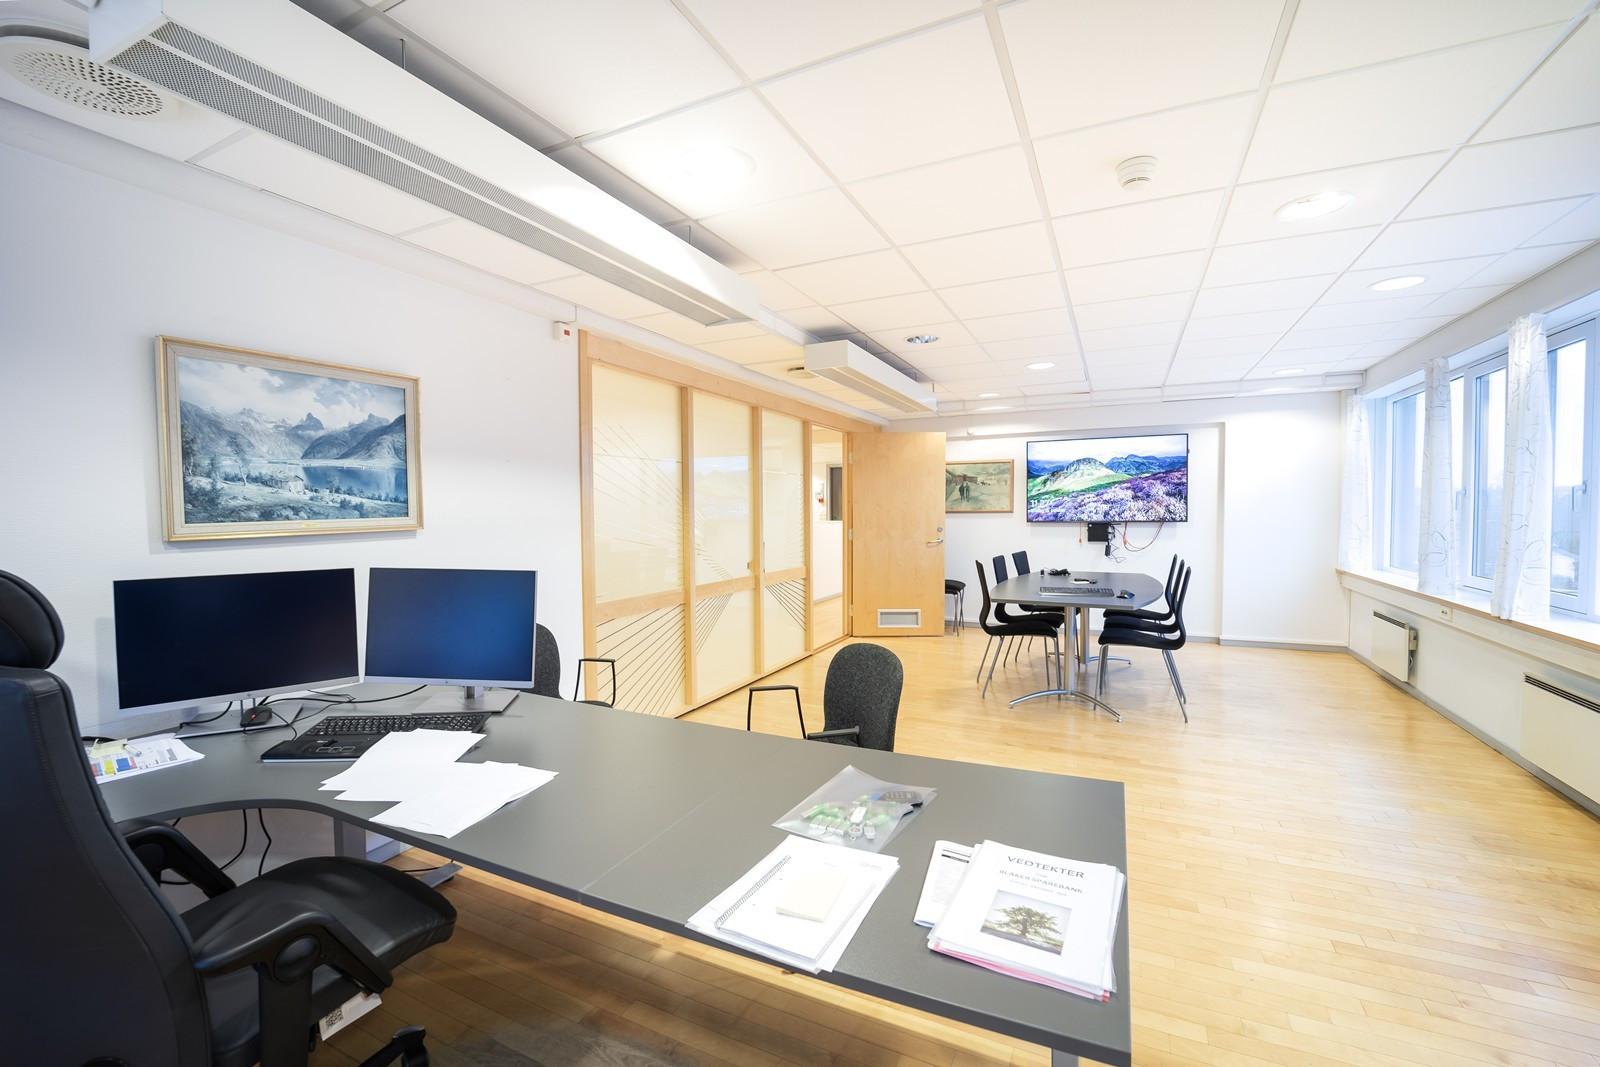 Stort kontor / møterom